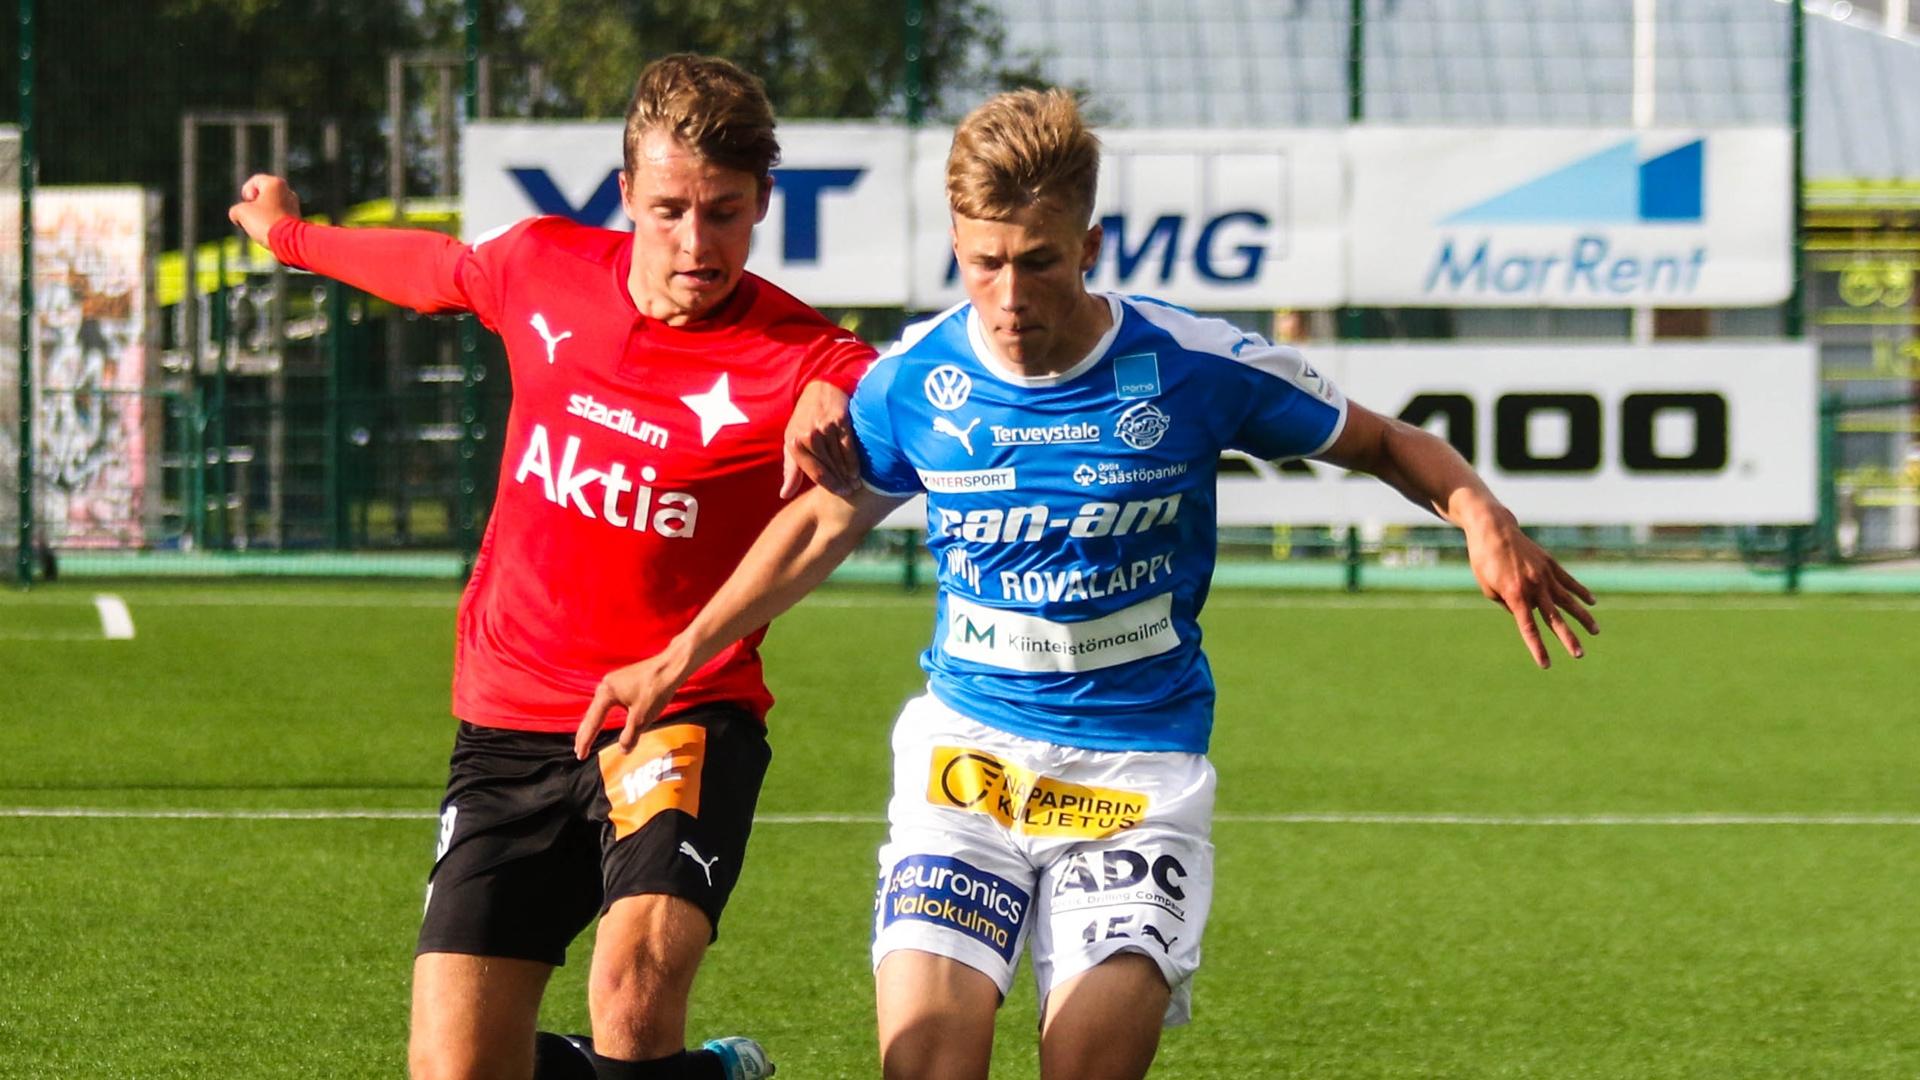 Taistelu ei riittänyt. HIFK otti pisteet Foday Mannehin maalilla.